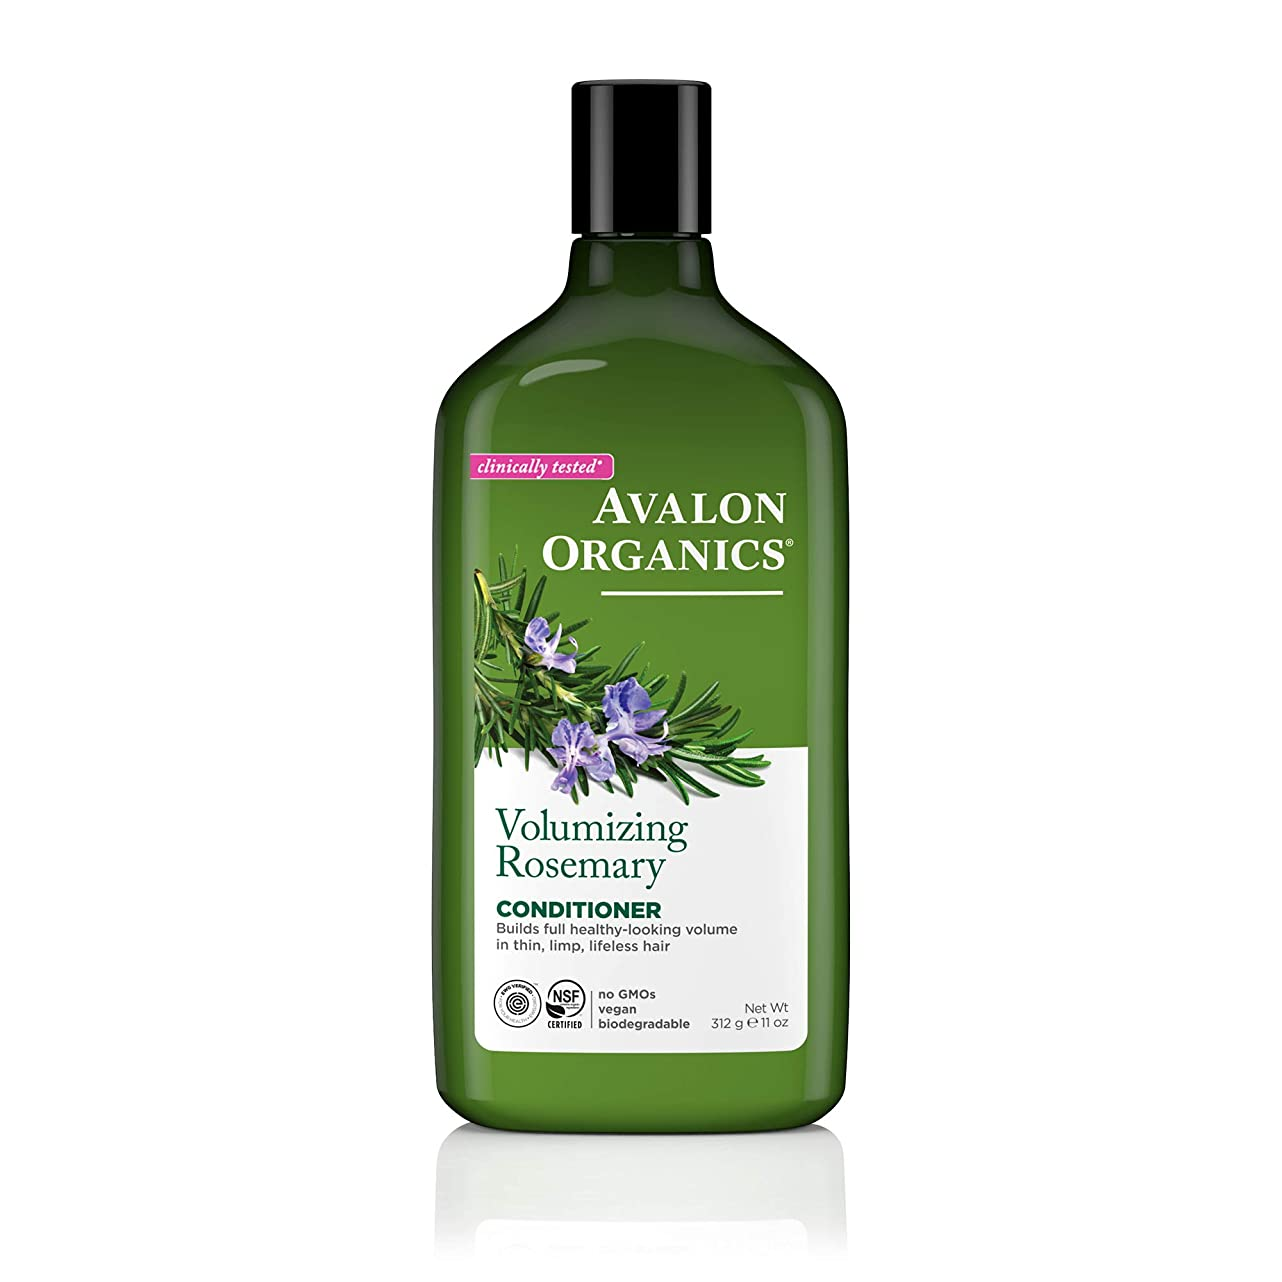 深めるたくさん死ぬアバロンオーガニック(Avalon Organics) ローズマリー コンディショナー 325ml